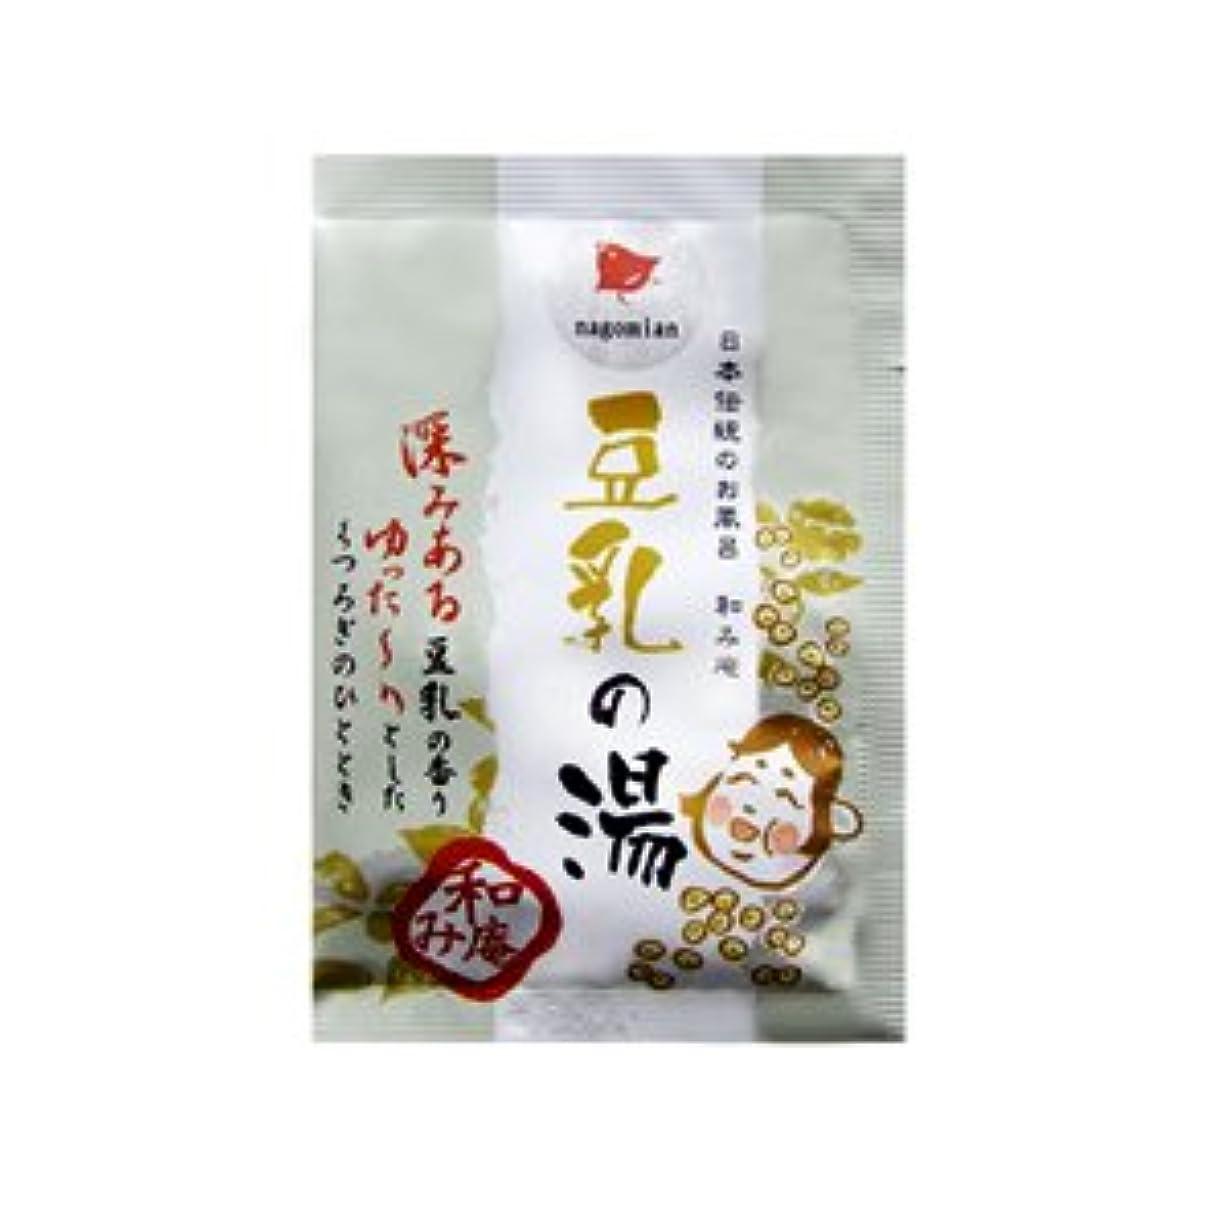 ポスターすることになっている鳴らす日本伝統のお風呂 和み庵 豆乳の湯 25g 5個セット